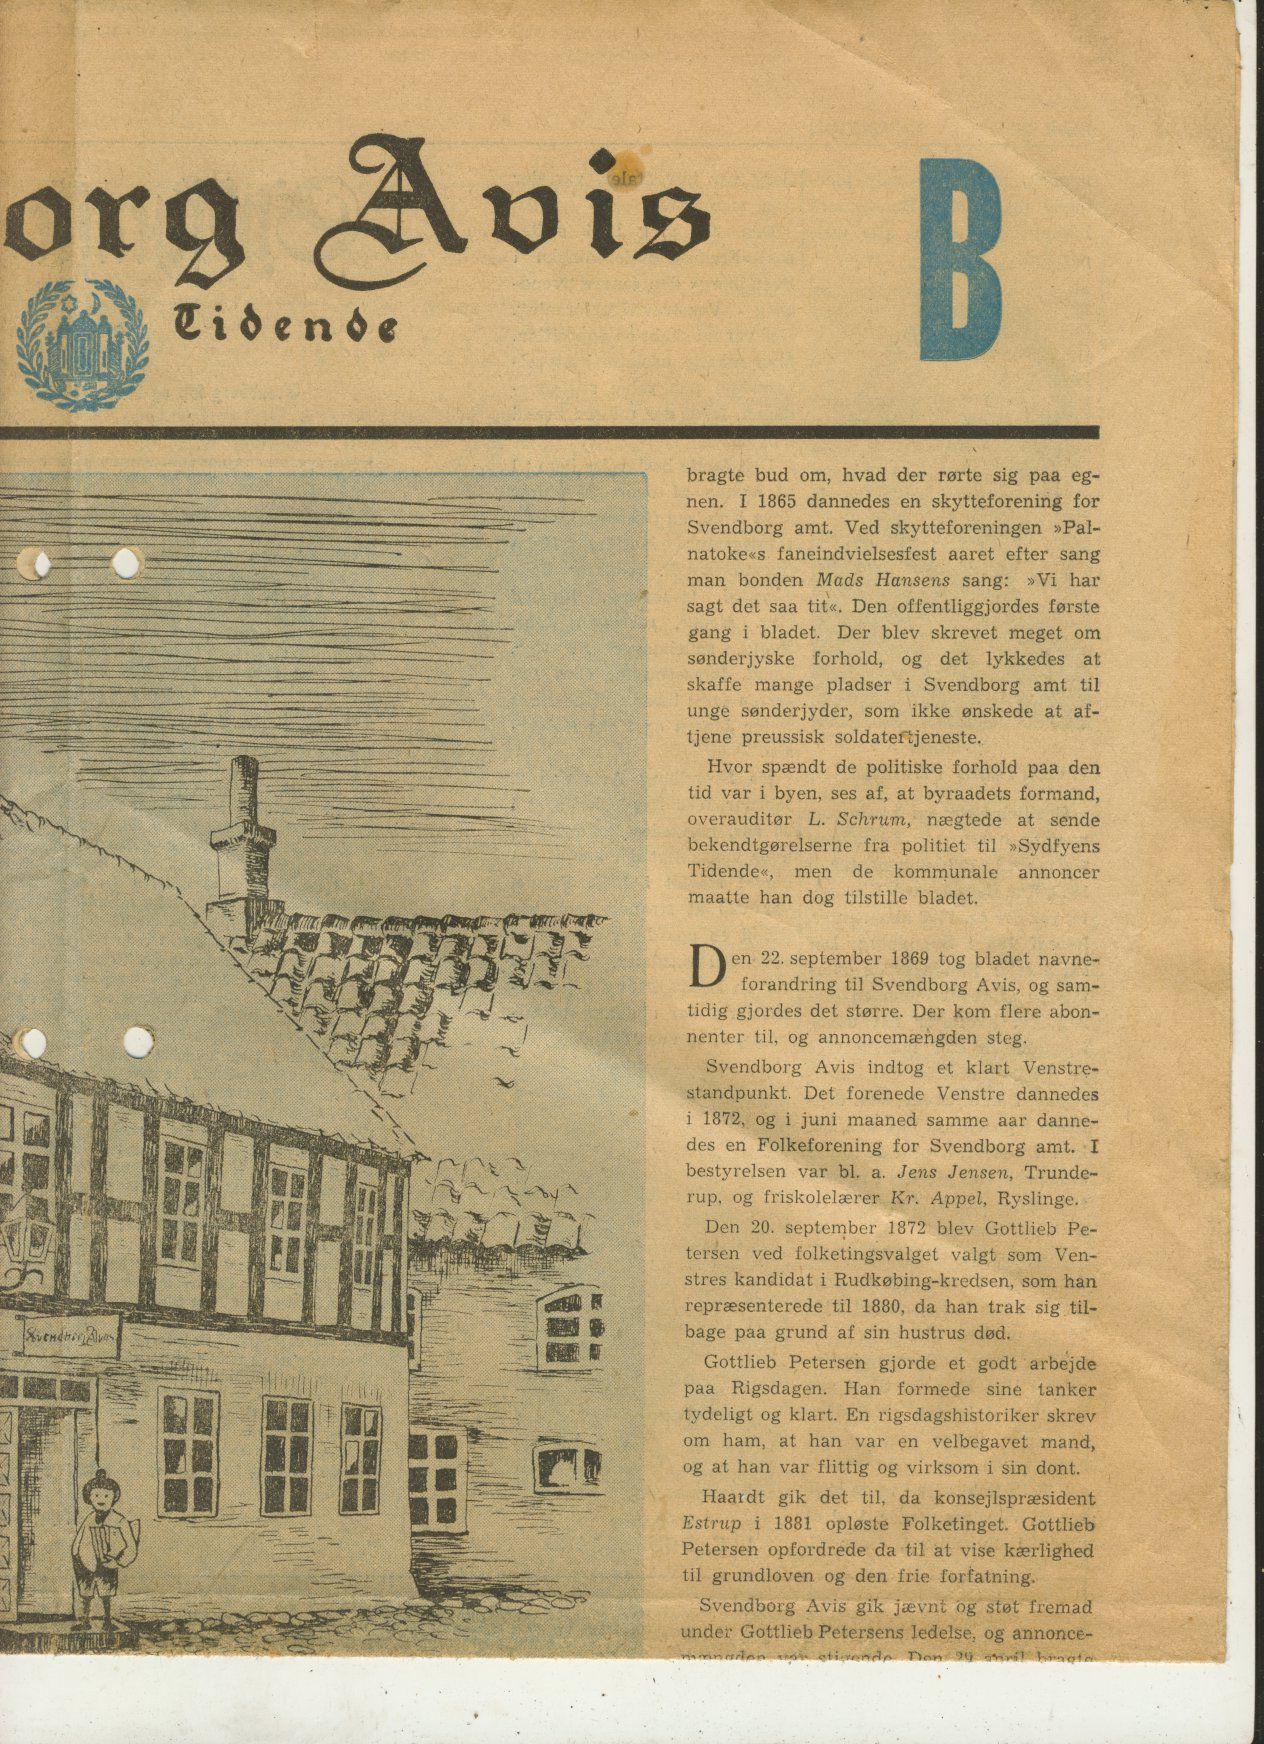 Svendborg Avis 1863-1963 (5)